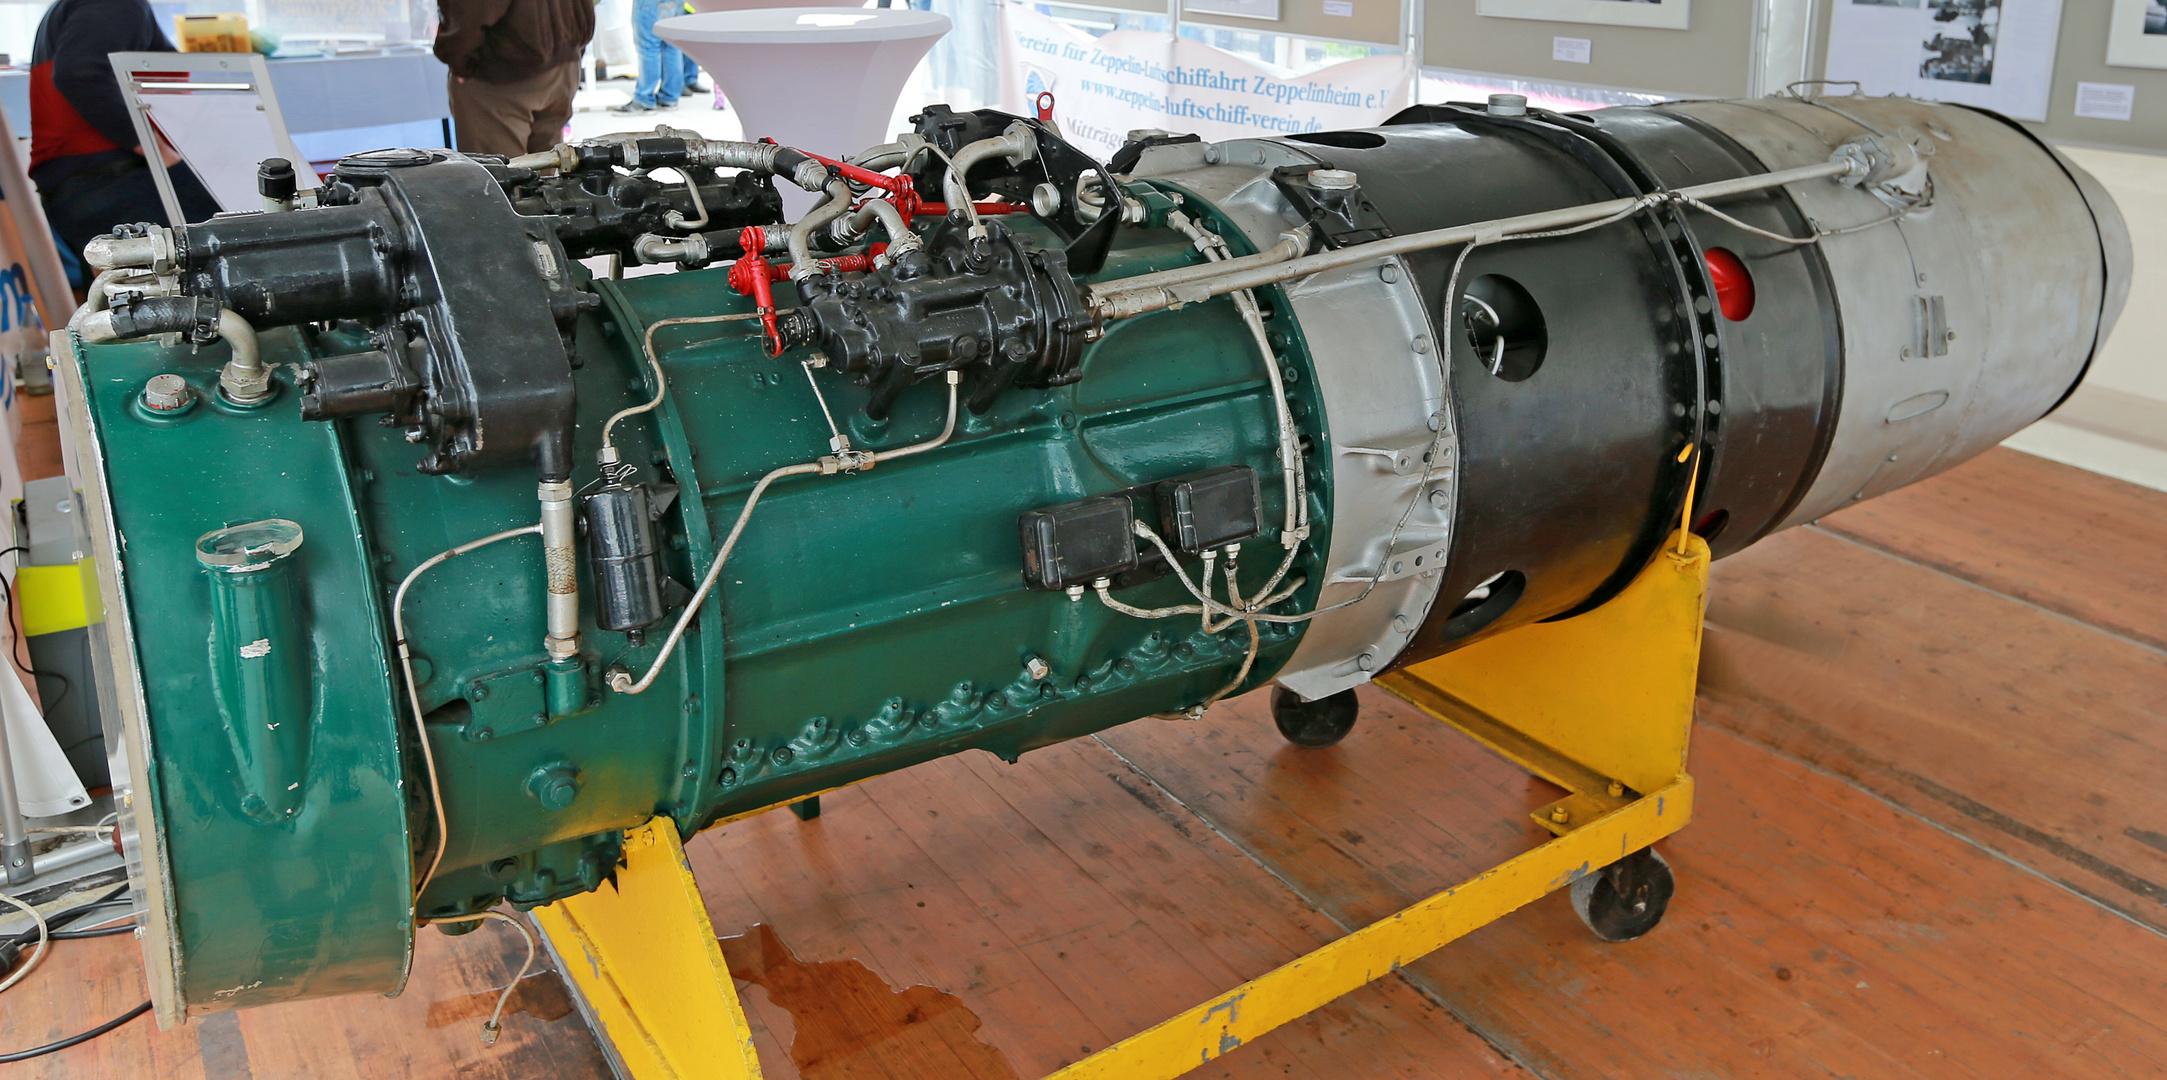 Strahltriebwerk Jumo 004 B